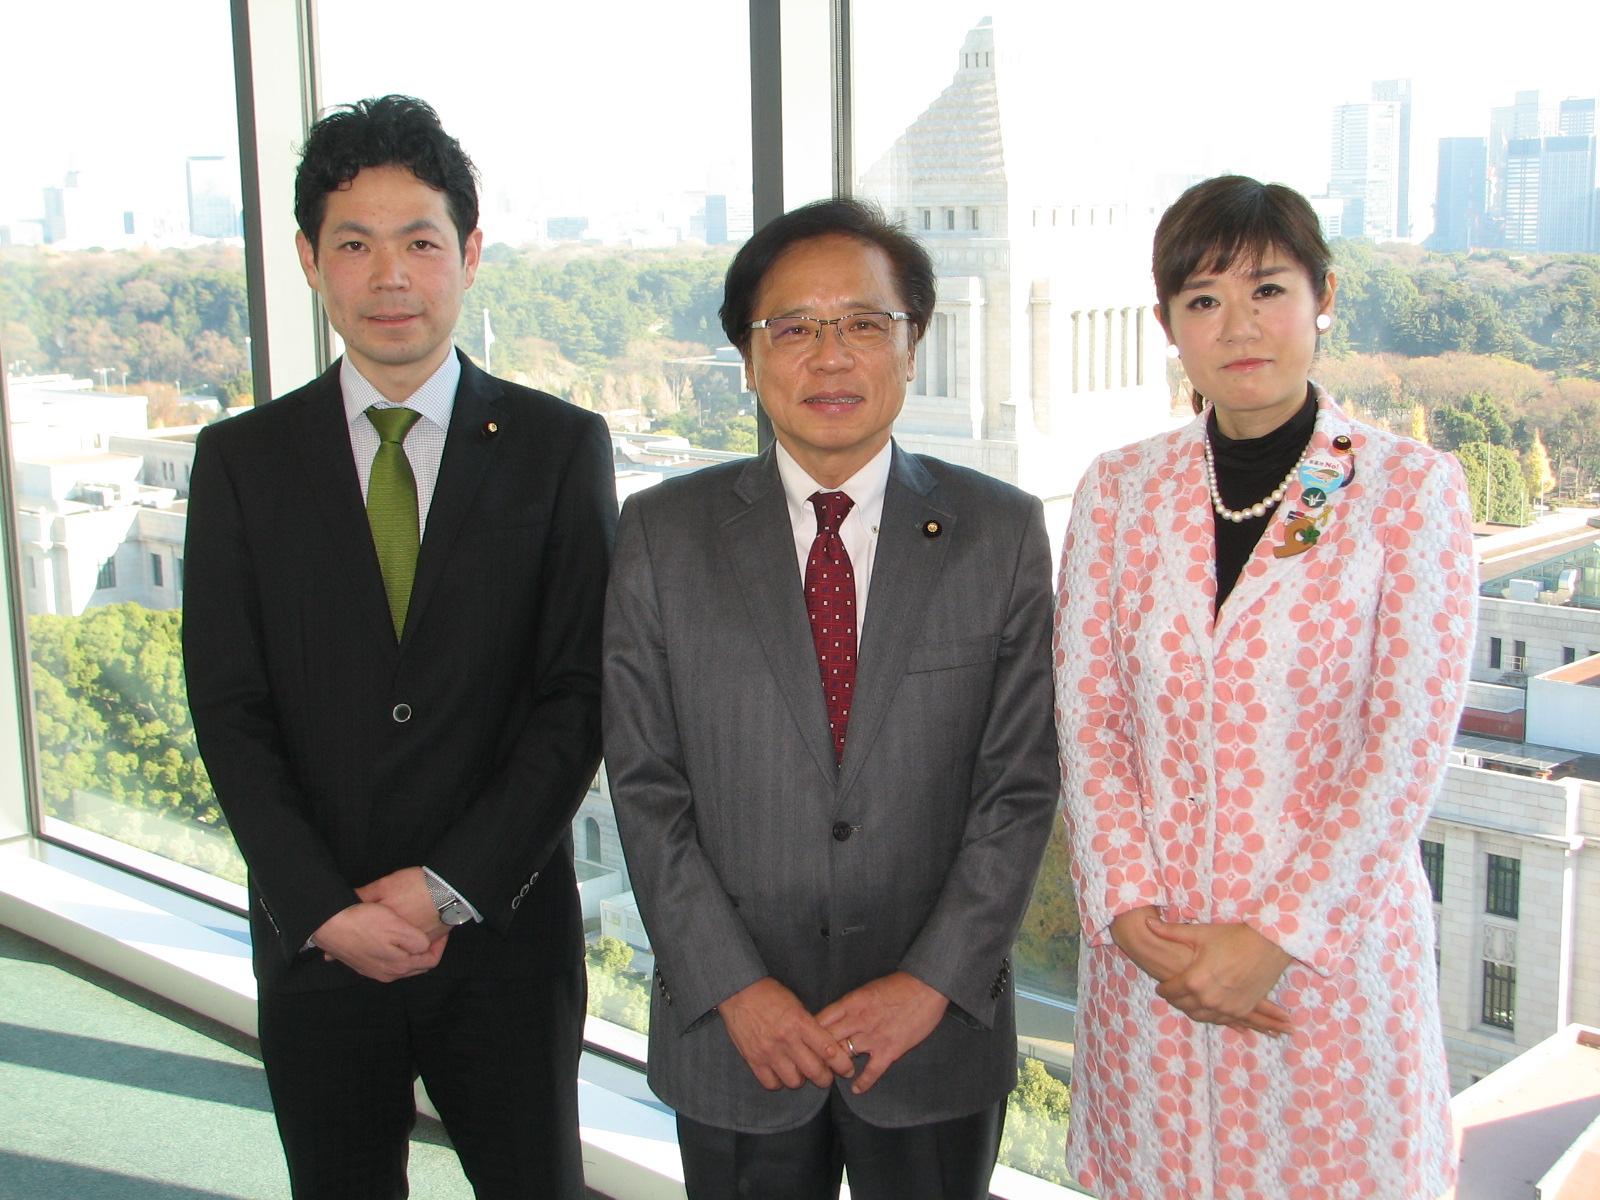 http://www.inoue-satoshi.com/diary/%E5%B2%90%E9%98%9C%E6%B0%91%E5%A0%B1.JPG